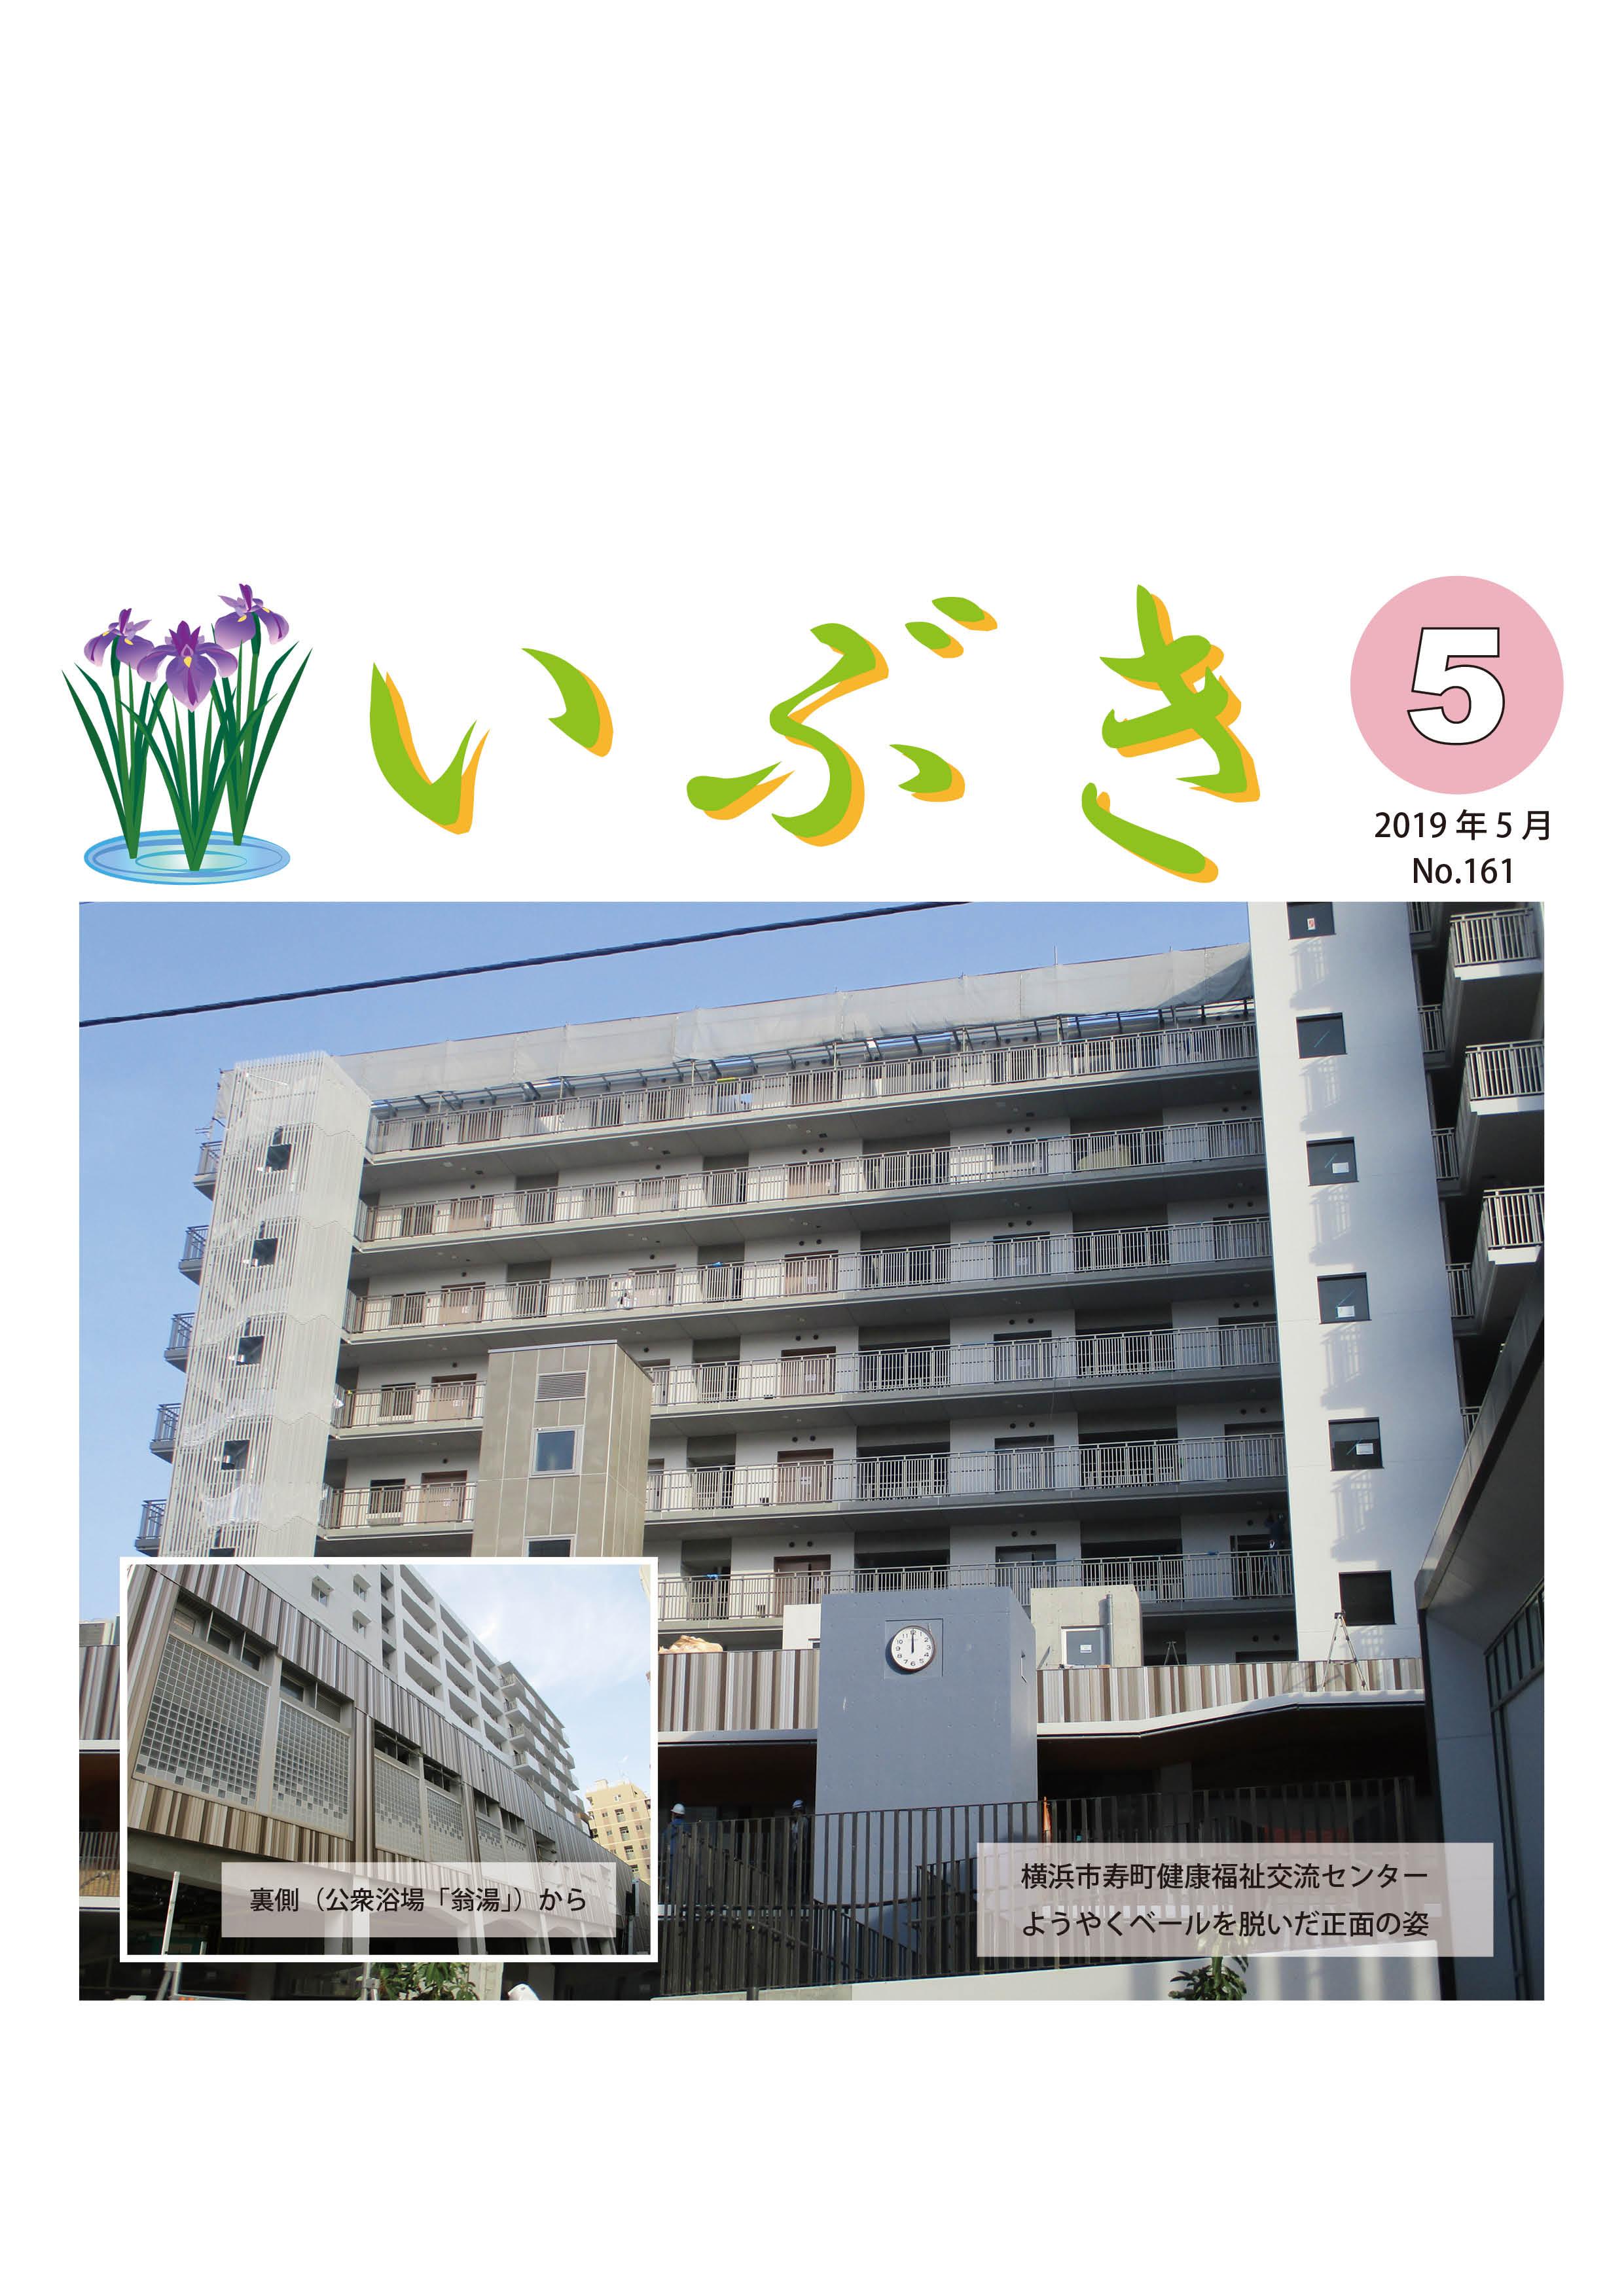 広報紙いぶき2019年5月号(No.161)